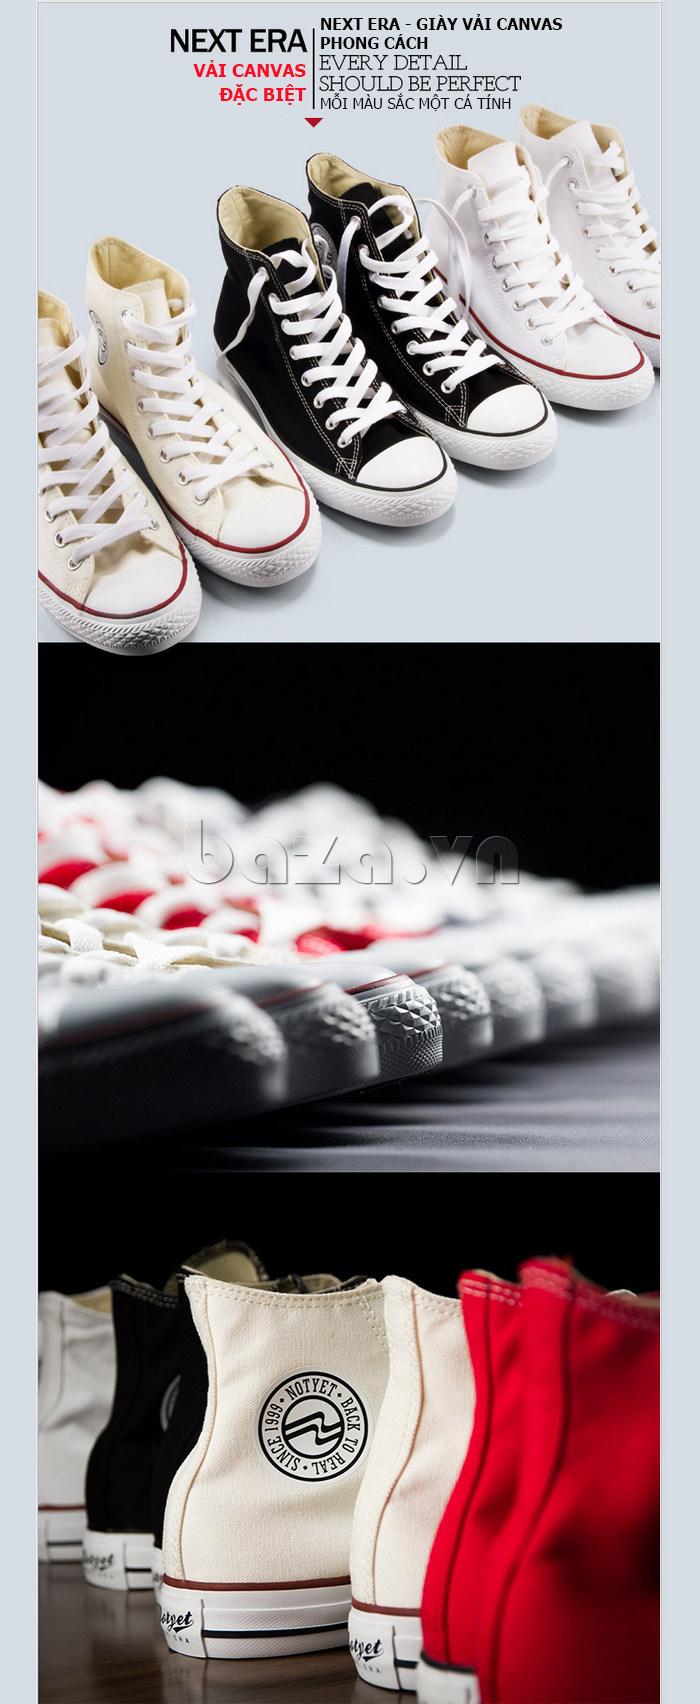 Giày vải nam Notyet NY-ZY3215 sử dụng vải canvas làm chất liệu chủ yếu